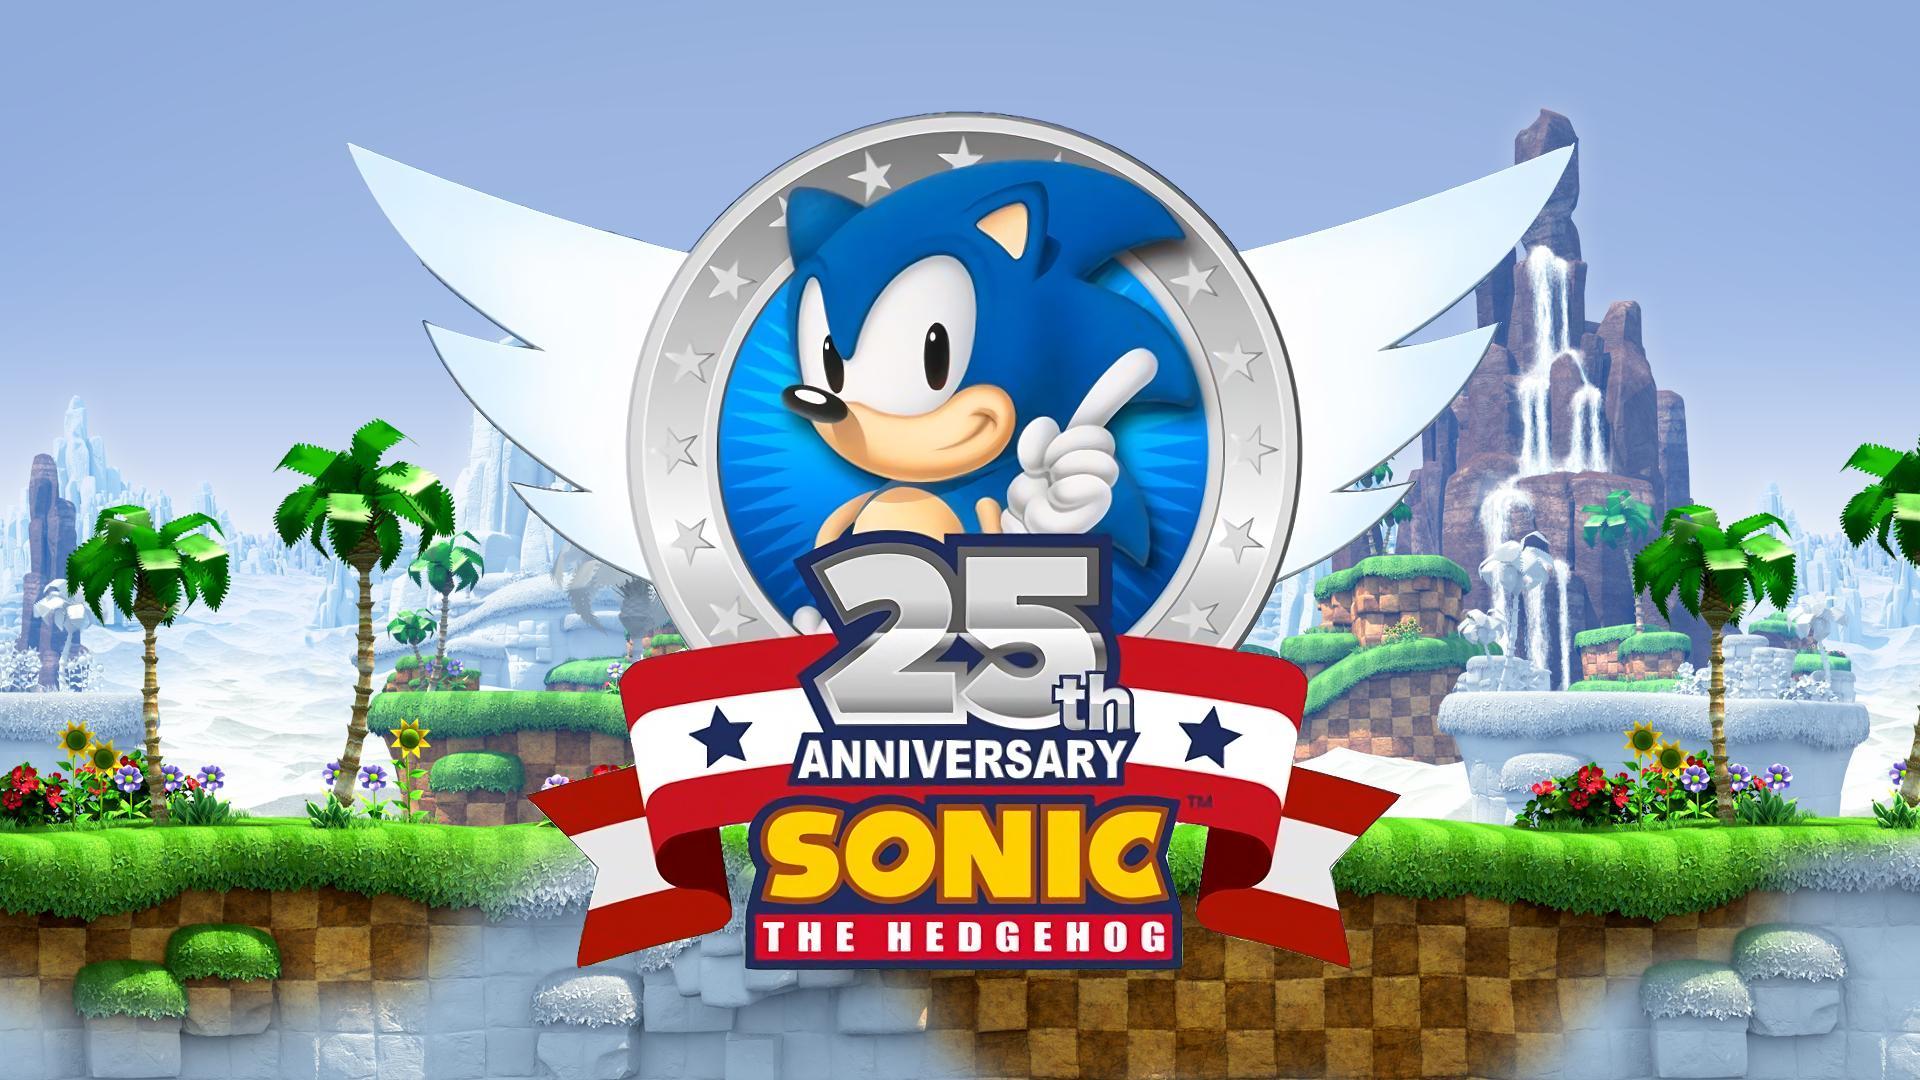 sonic anniversary 1